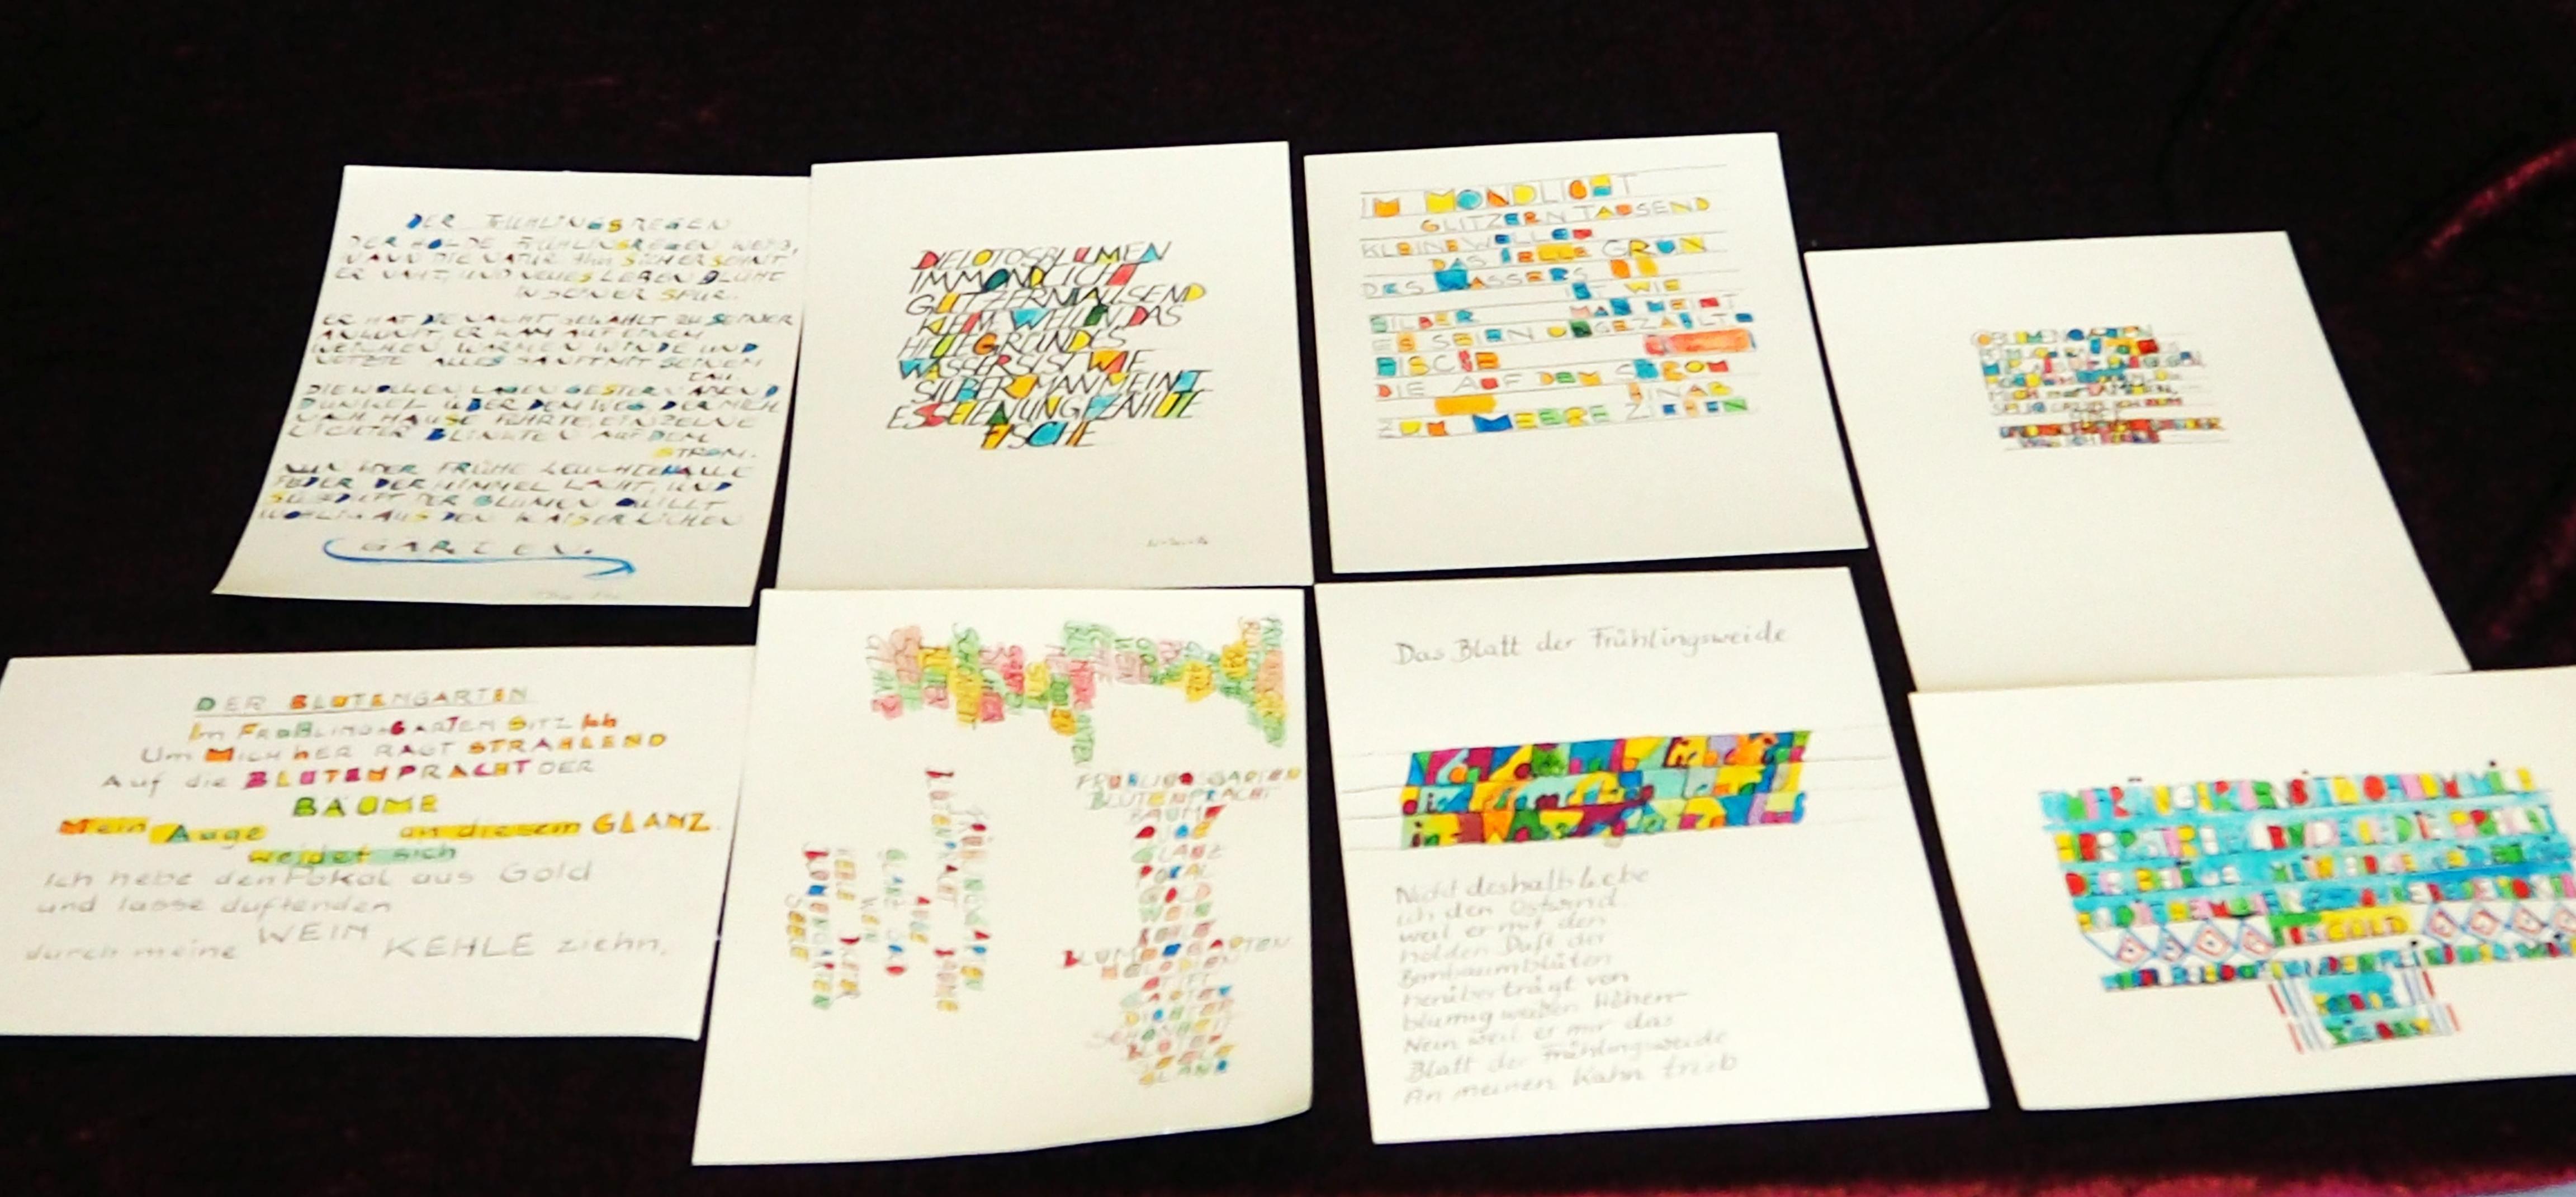 Schriftbilder. Ergebnisse vom Workshop mit Erwachsenen